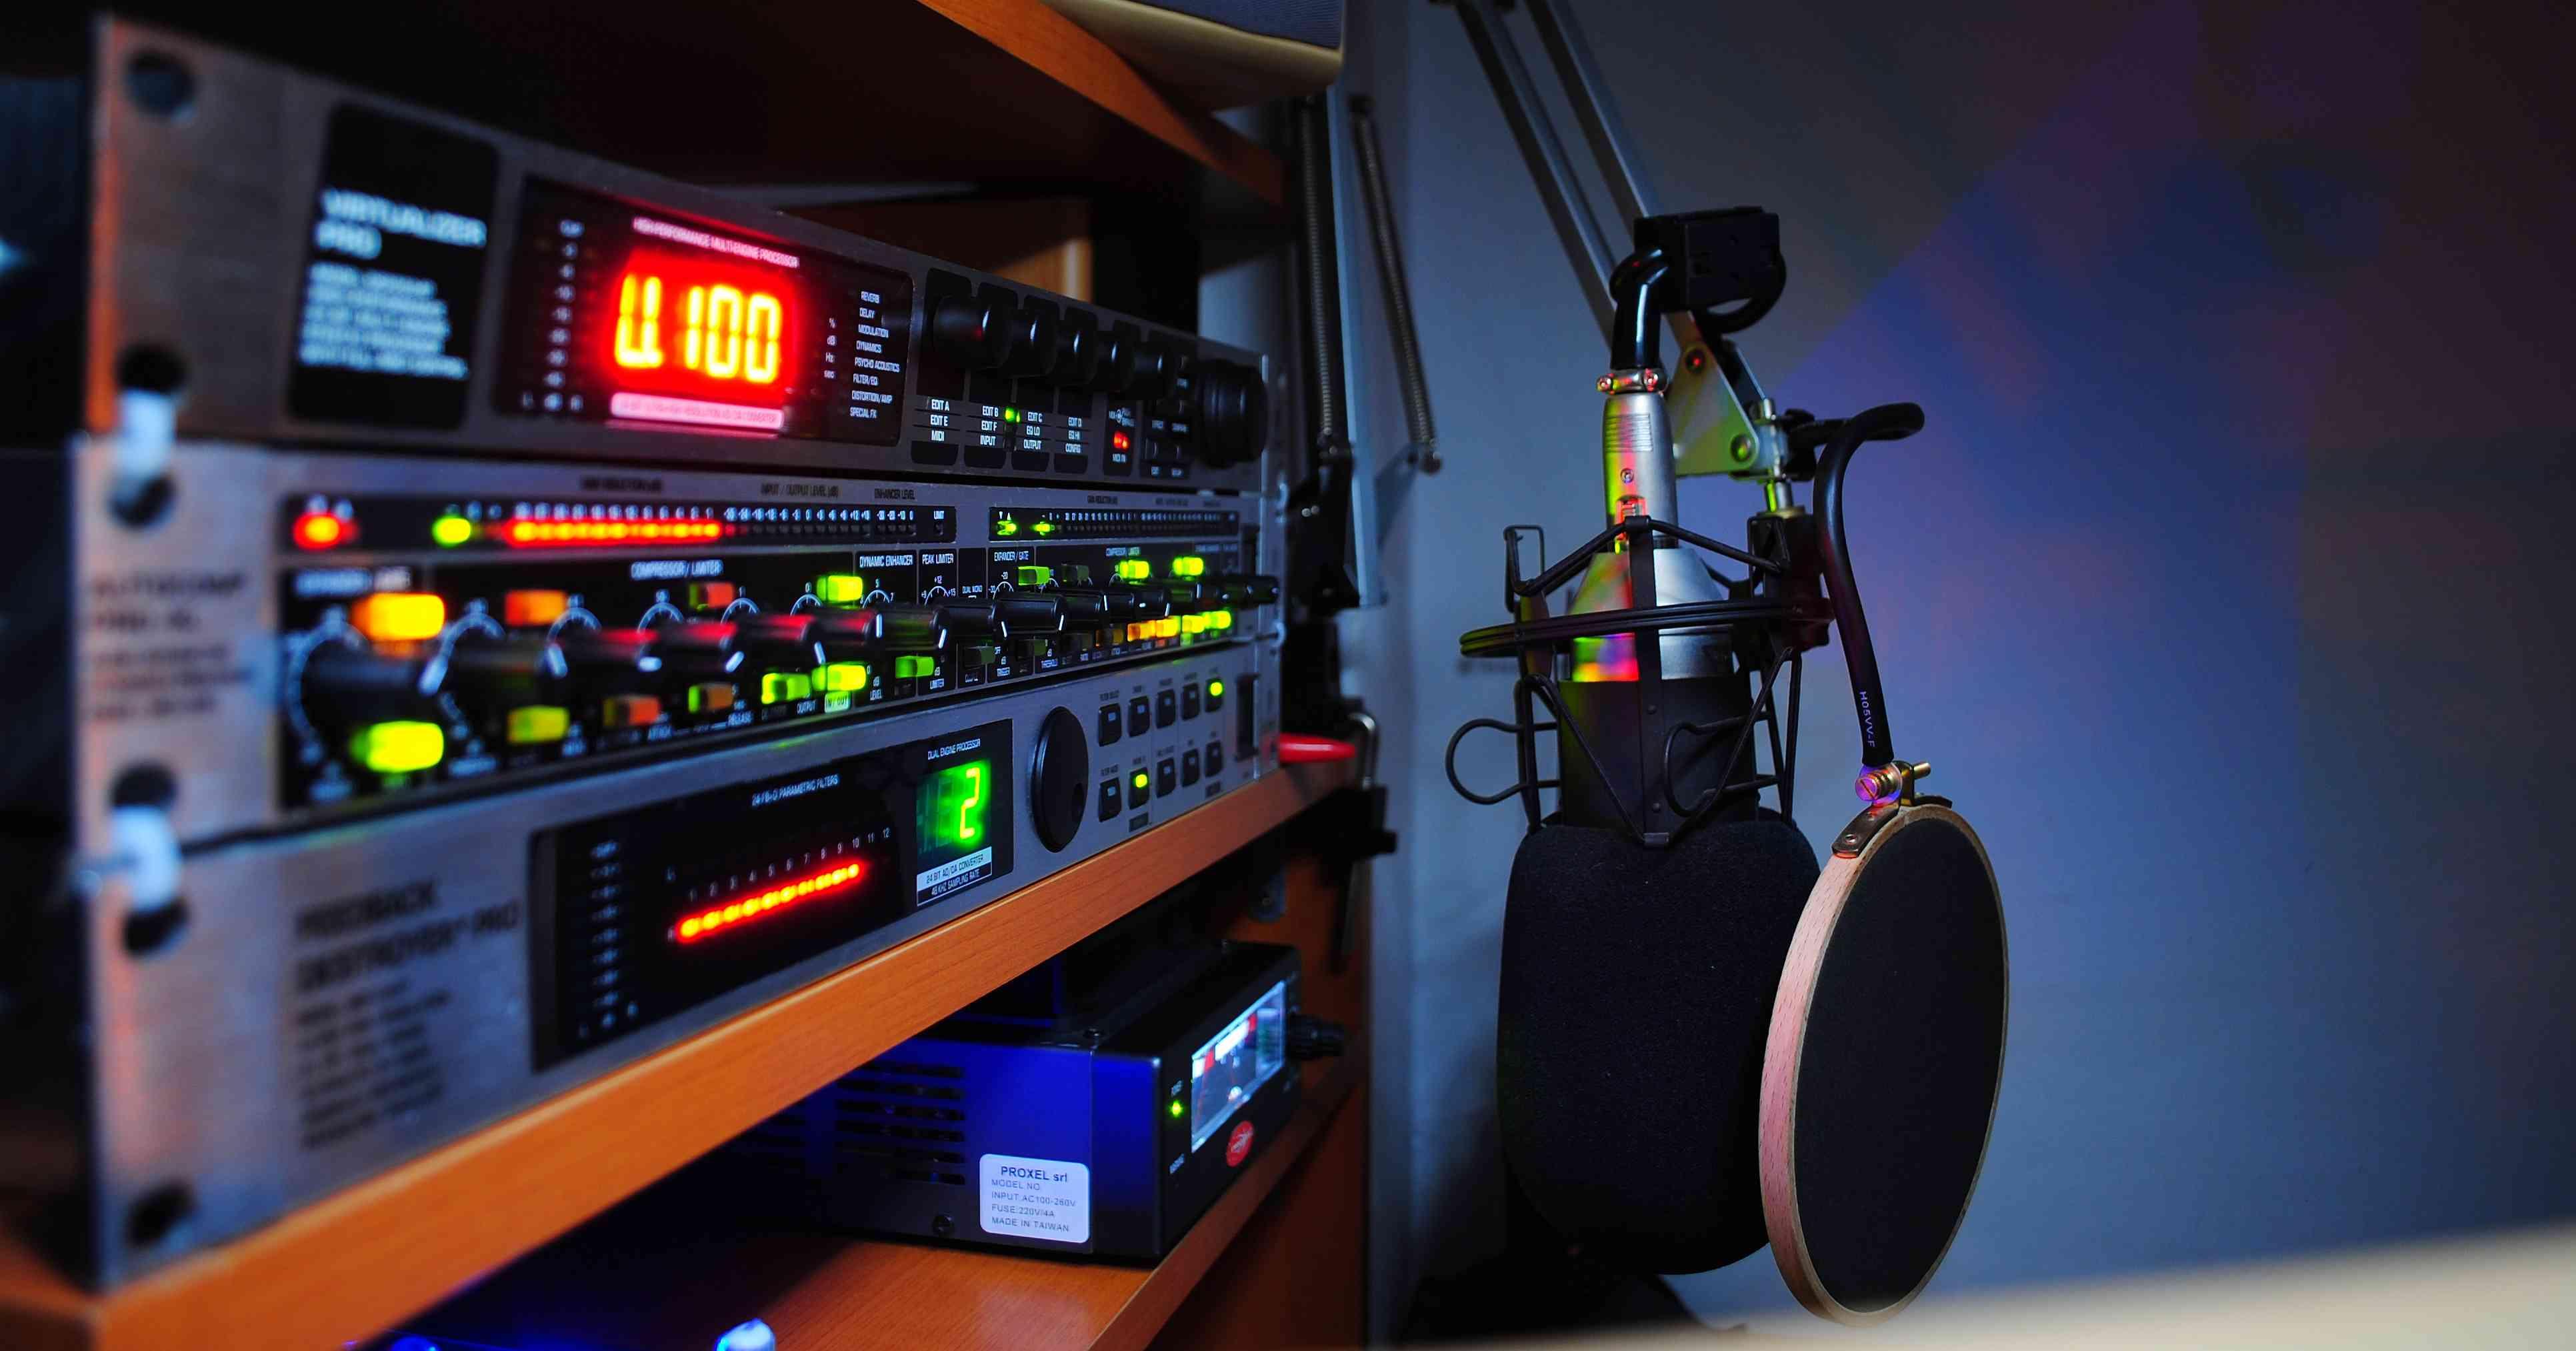 بالصور Bottom Line برنامج جديد على راديو مصر على الهوا بالاشتراك مع راديو البحر الاحمر